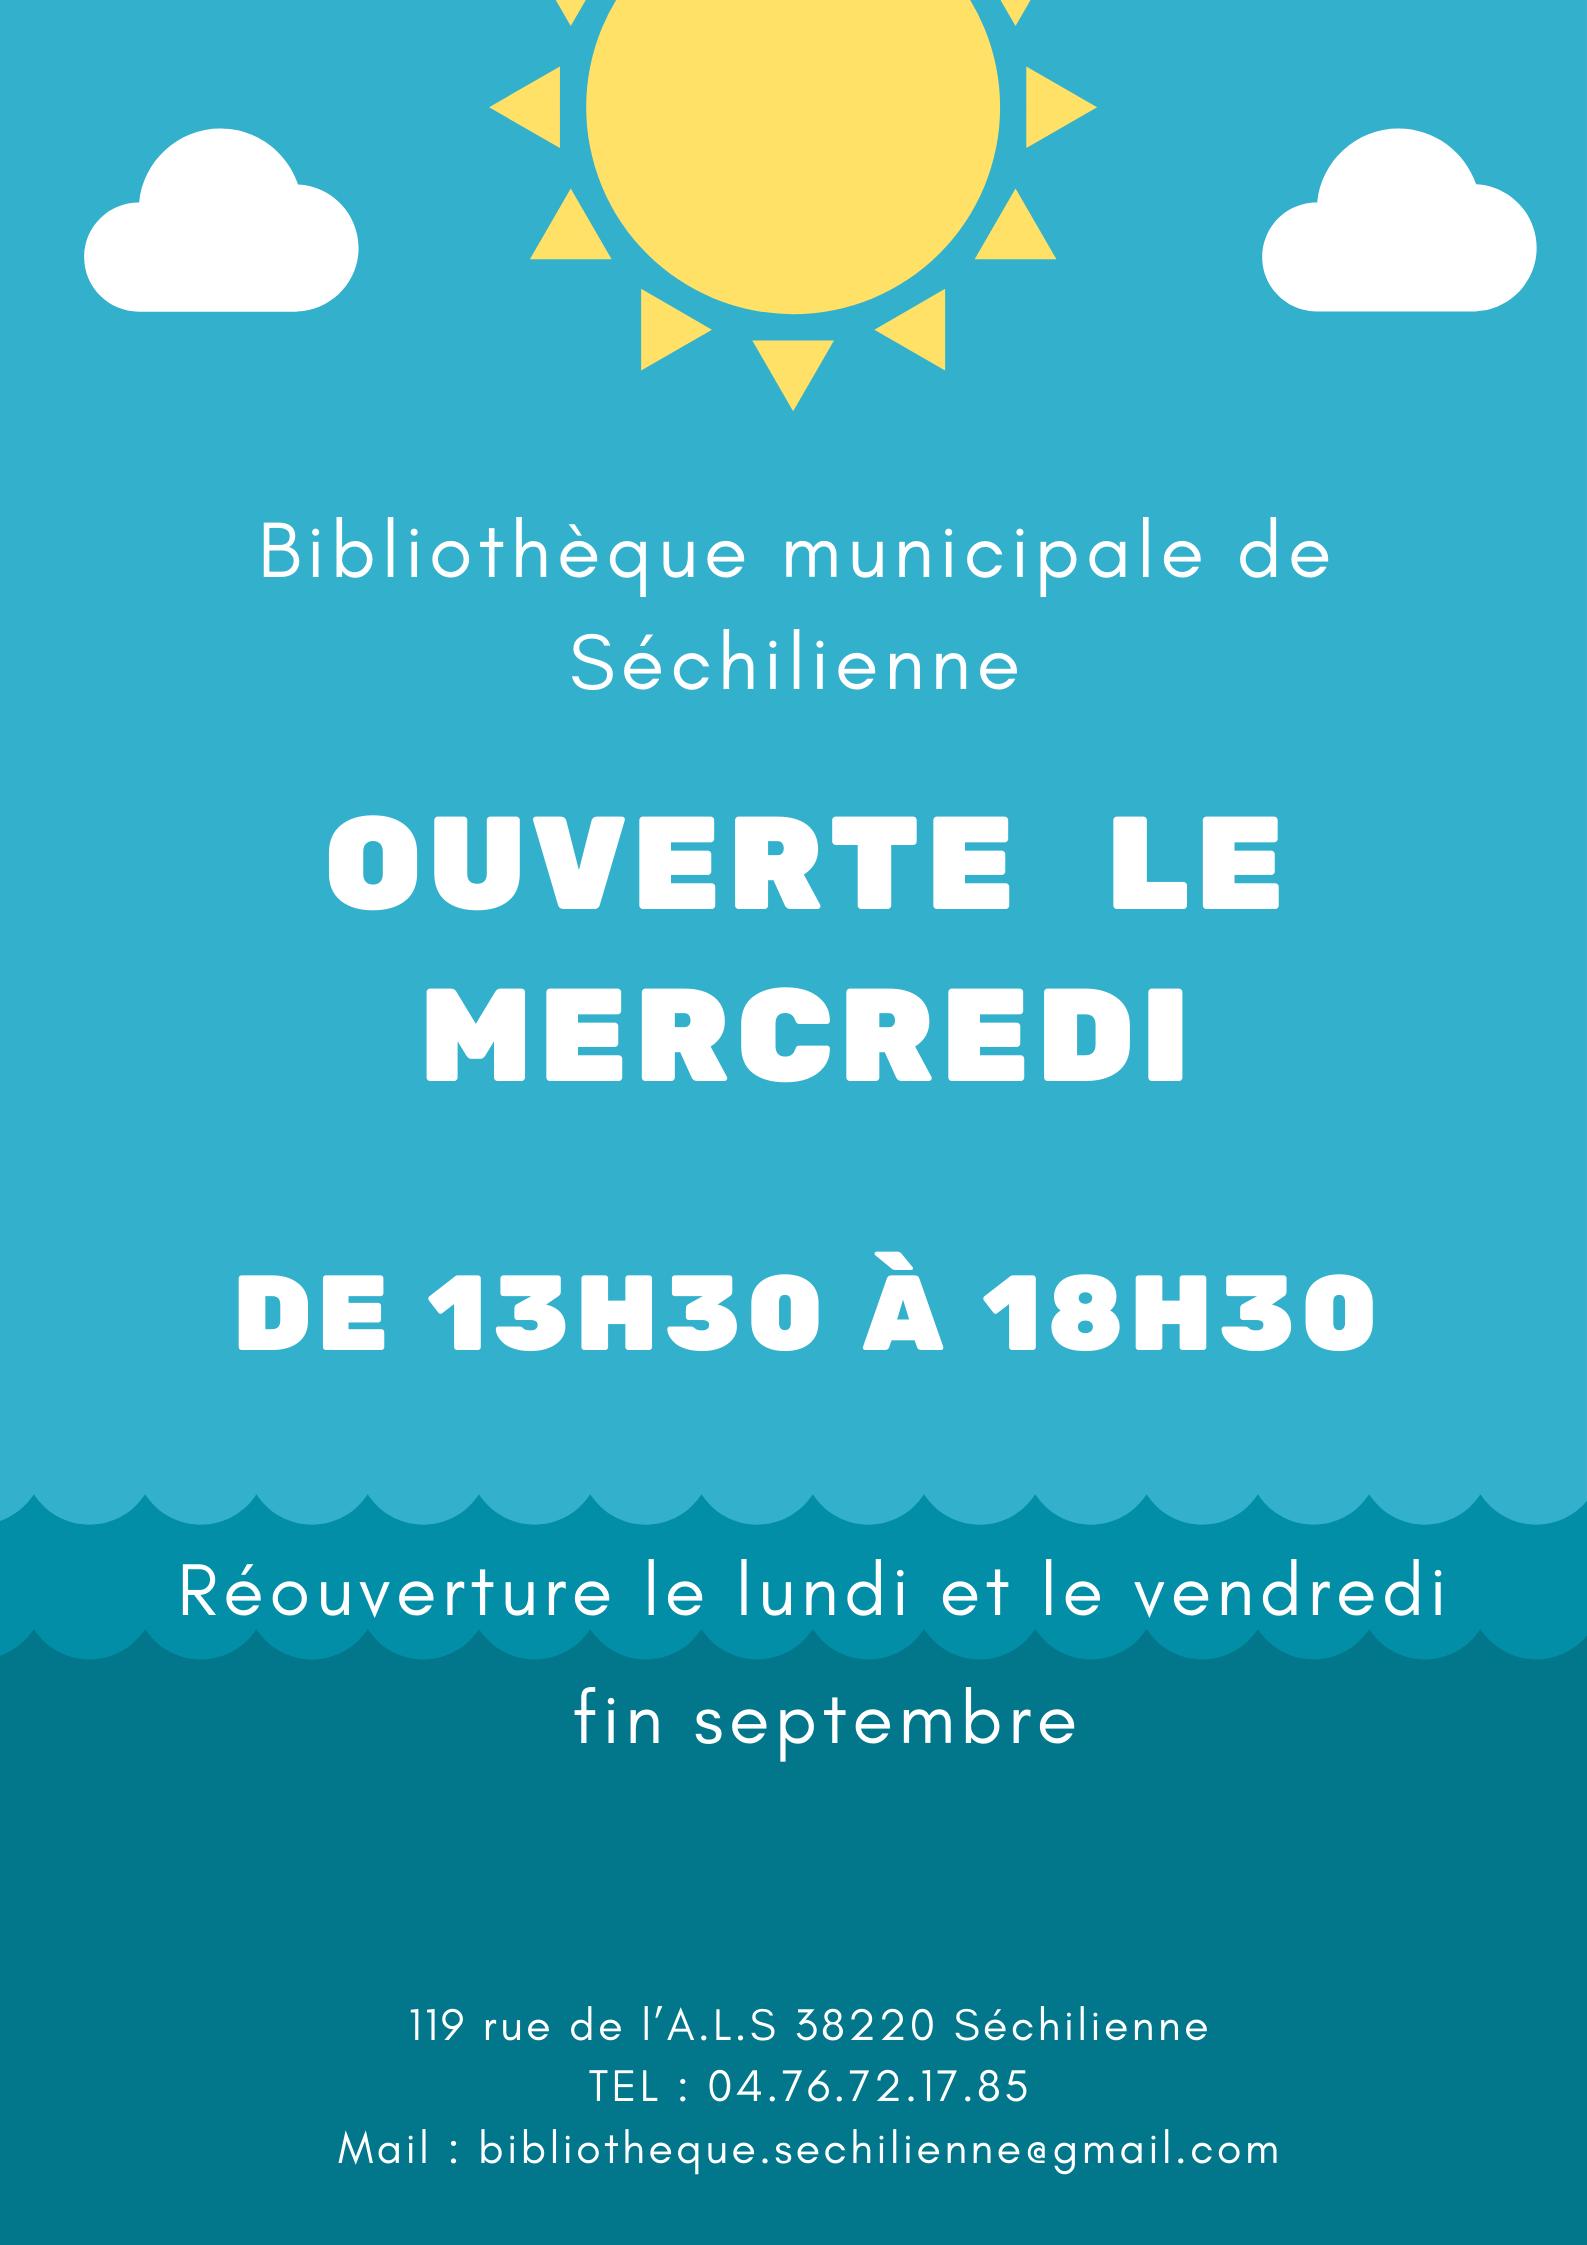 Image de couverture - Ouverture de la bibliothèque en septembre